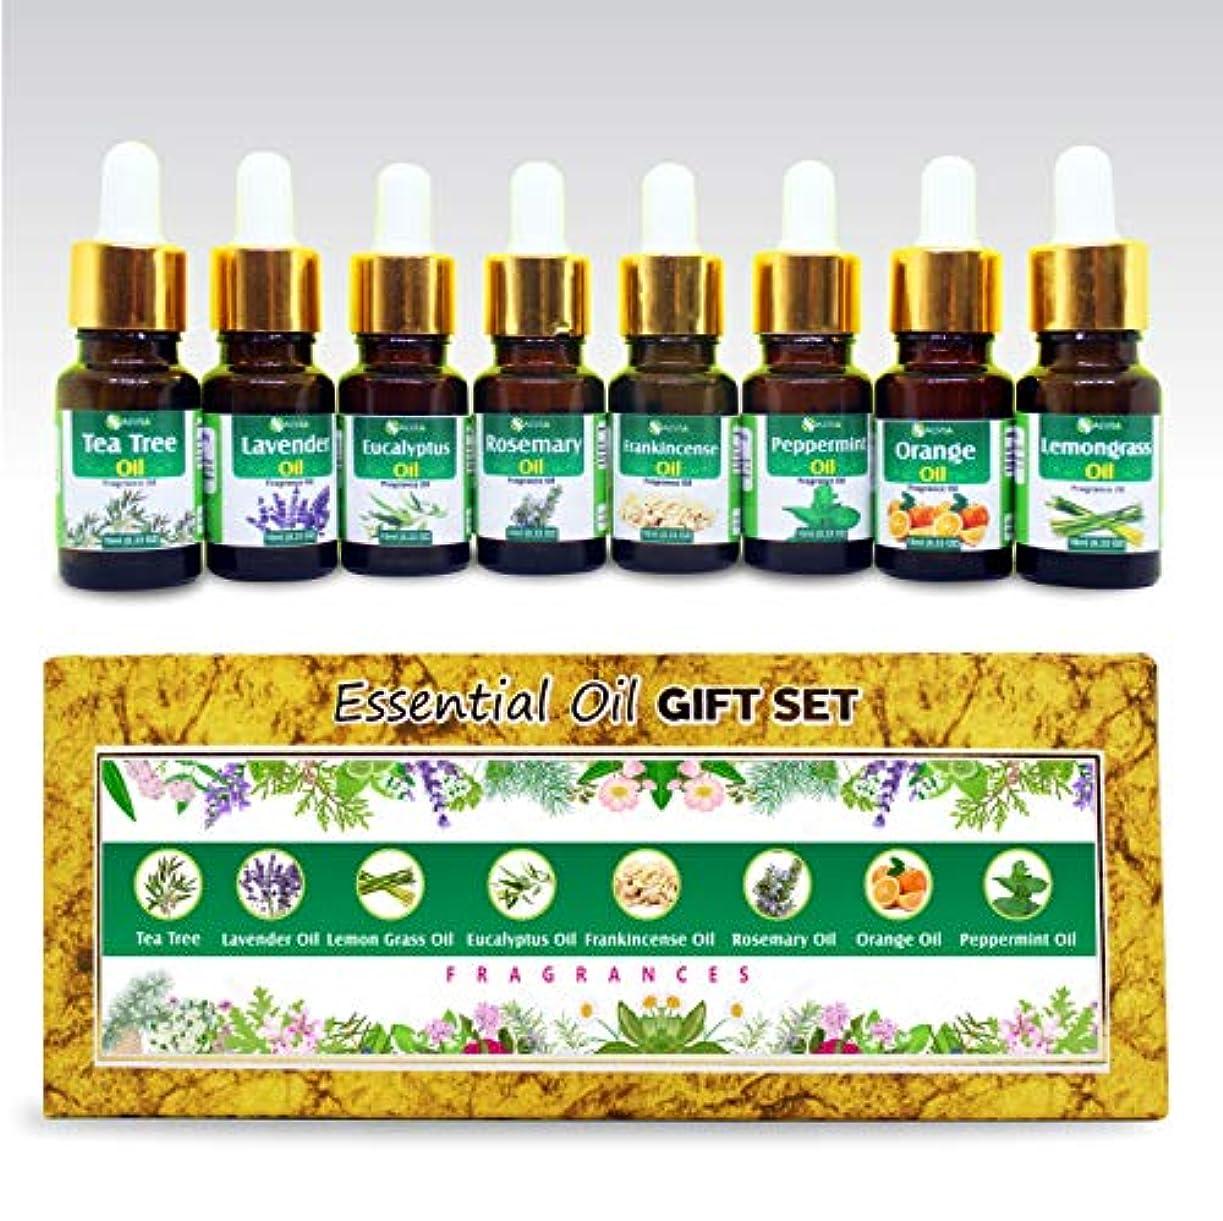 転用リンストラフAromatherapy Fragrance Oils 100% Natural Therapeutic Essential Oils 10ml each (Tea Tree, Lavender, Eucalyptus,...